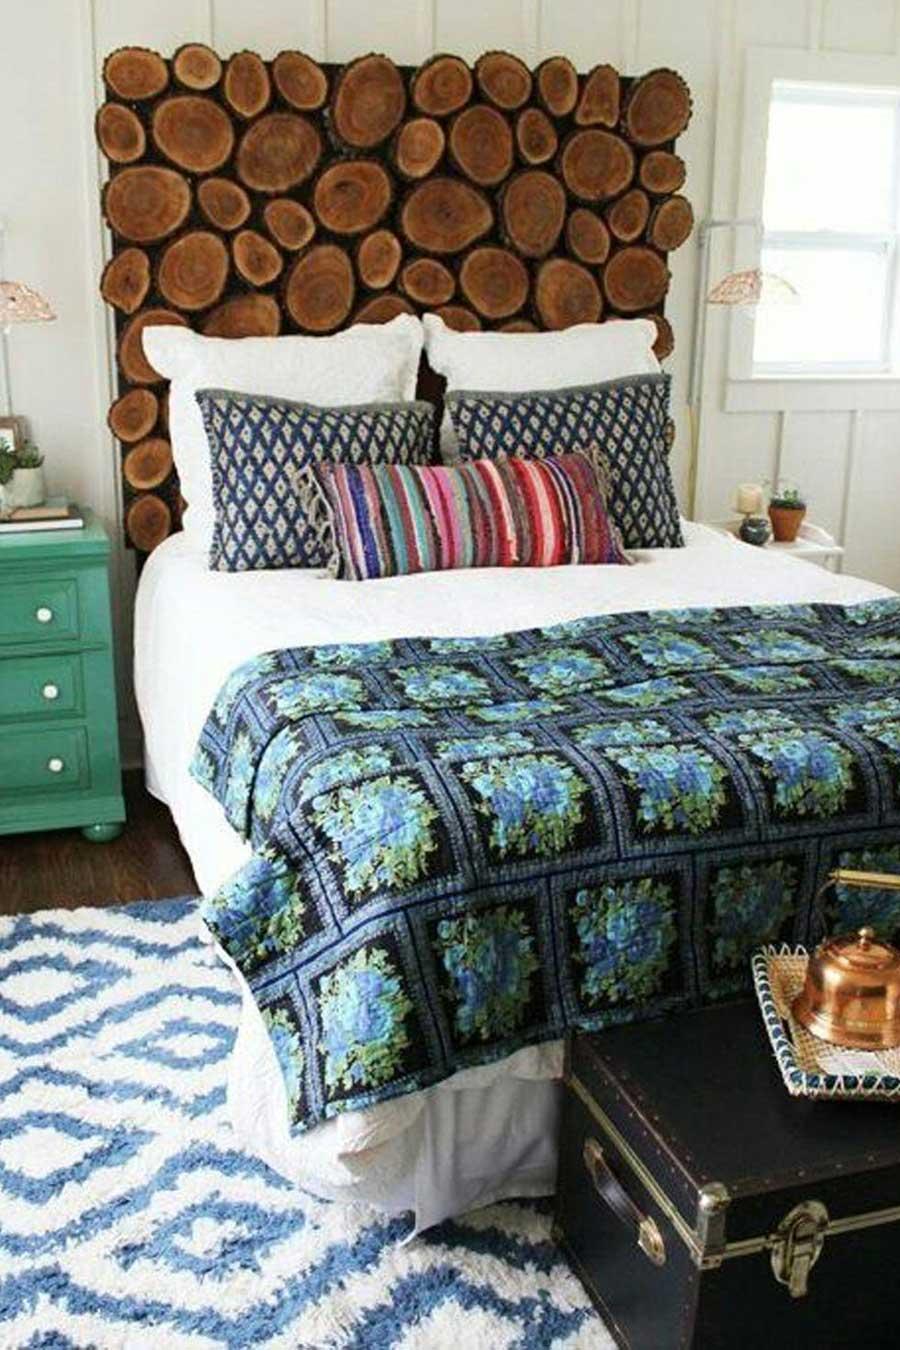 تاج تخت خواب با برش هایی از کنده درخت